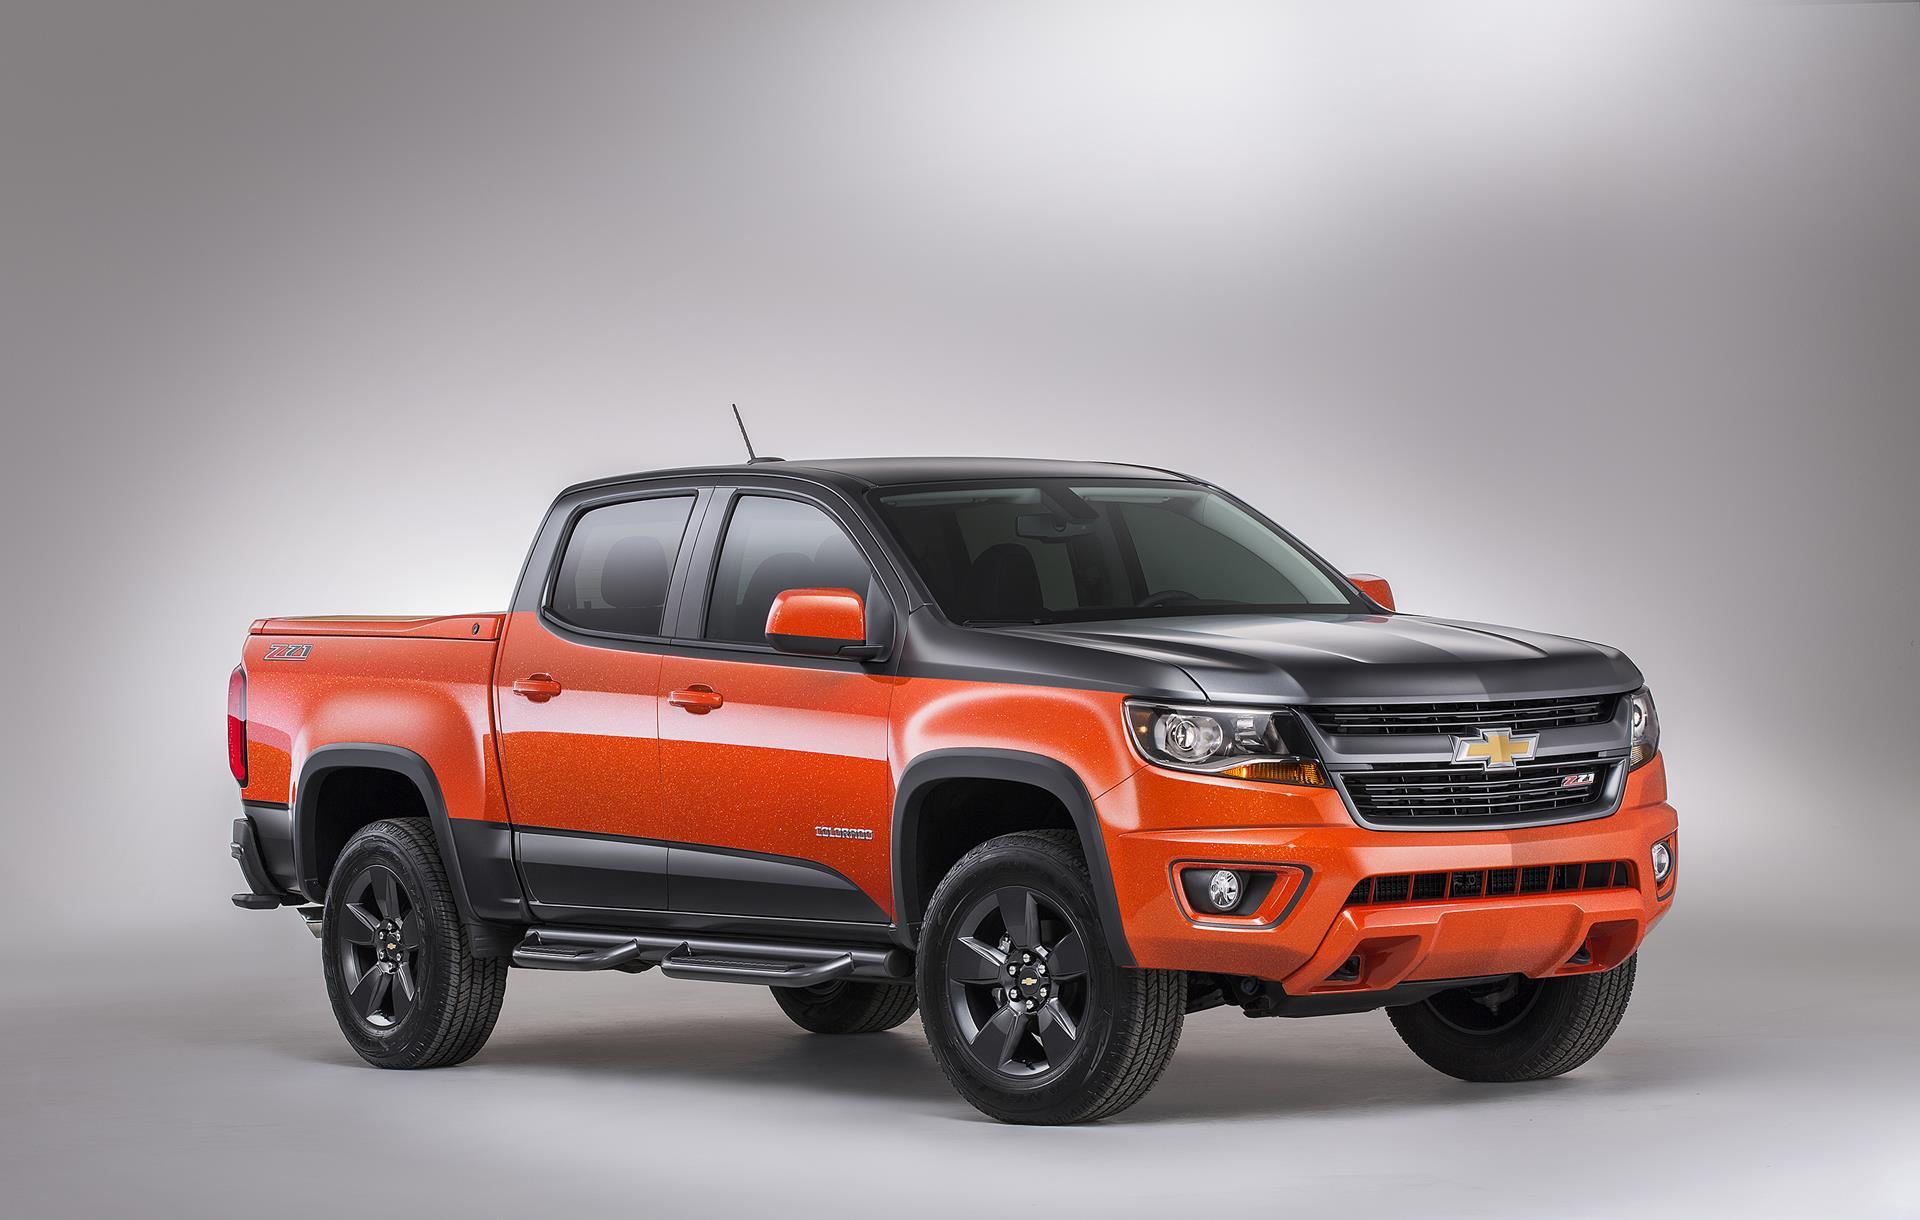 2015 Chevrolet Colorado Nautique Concept News and Information